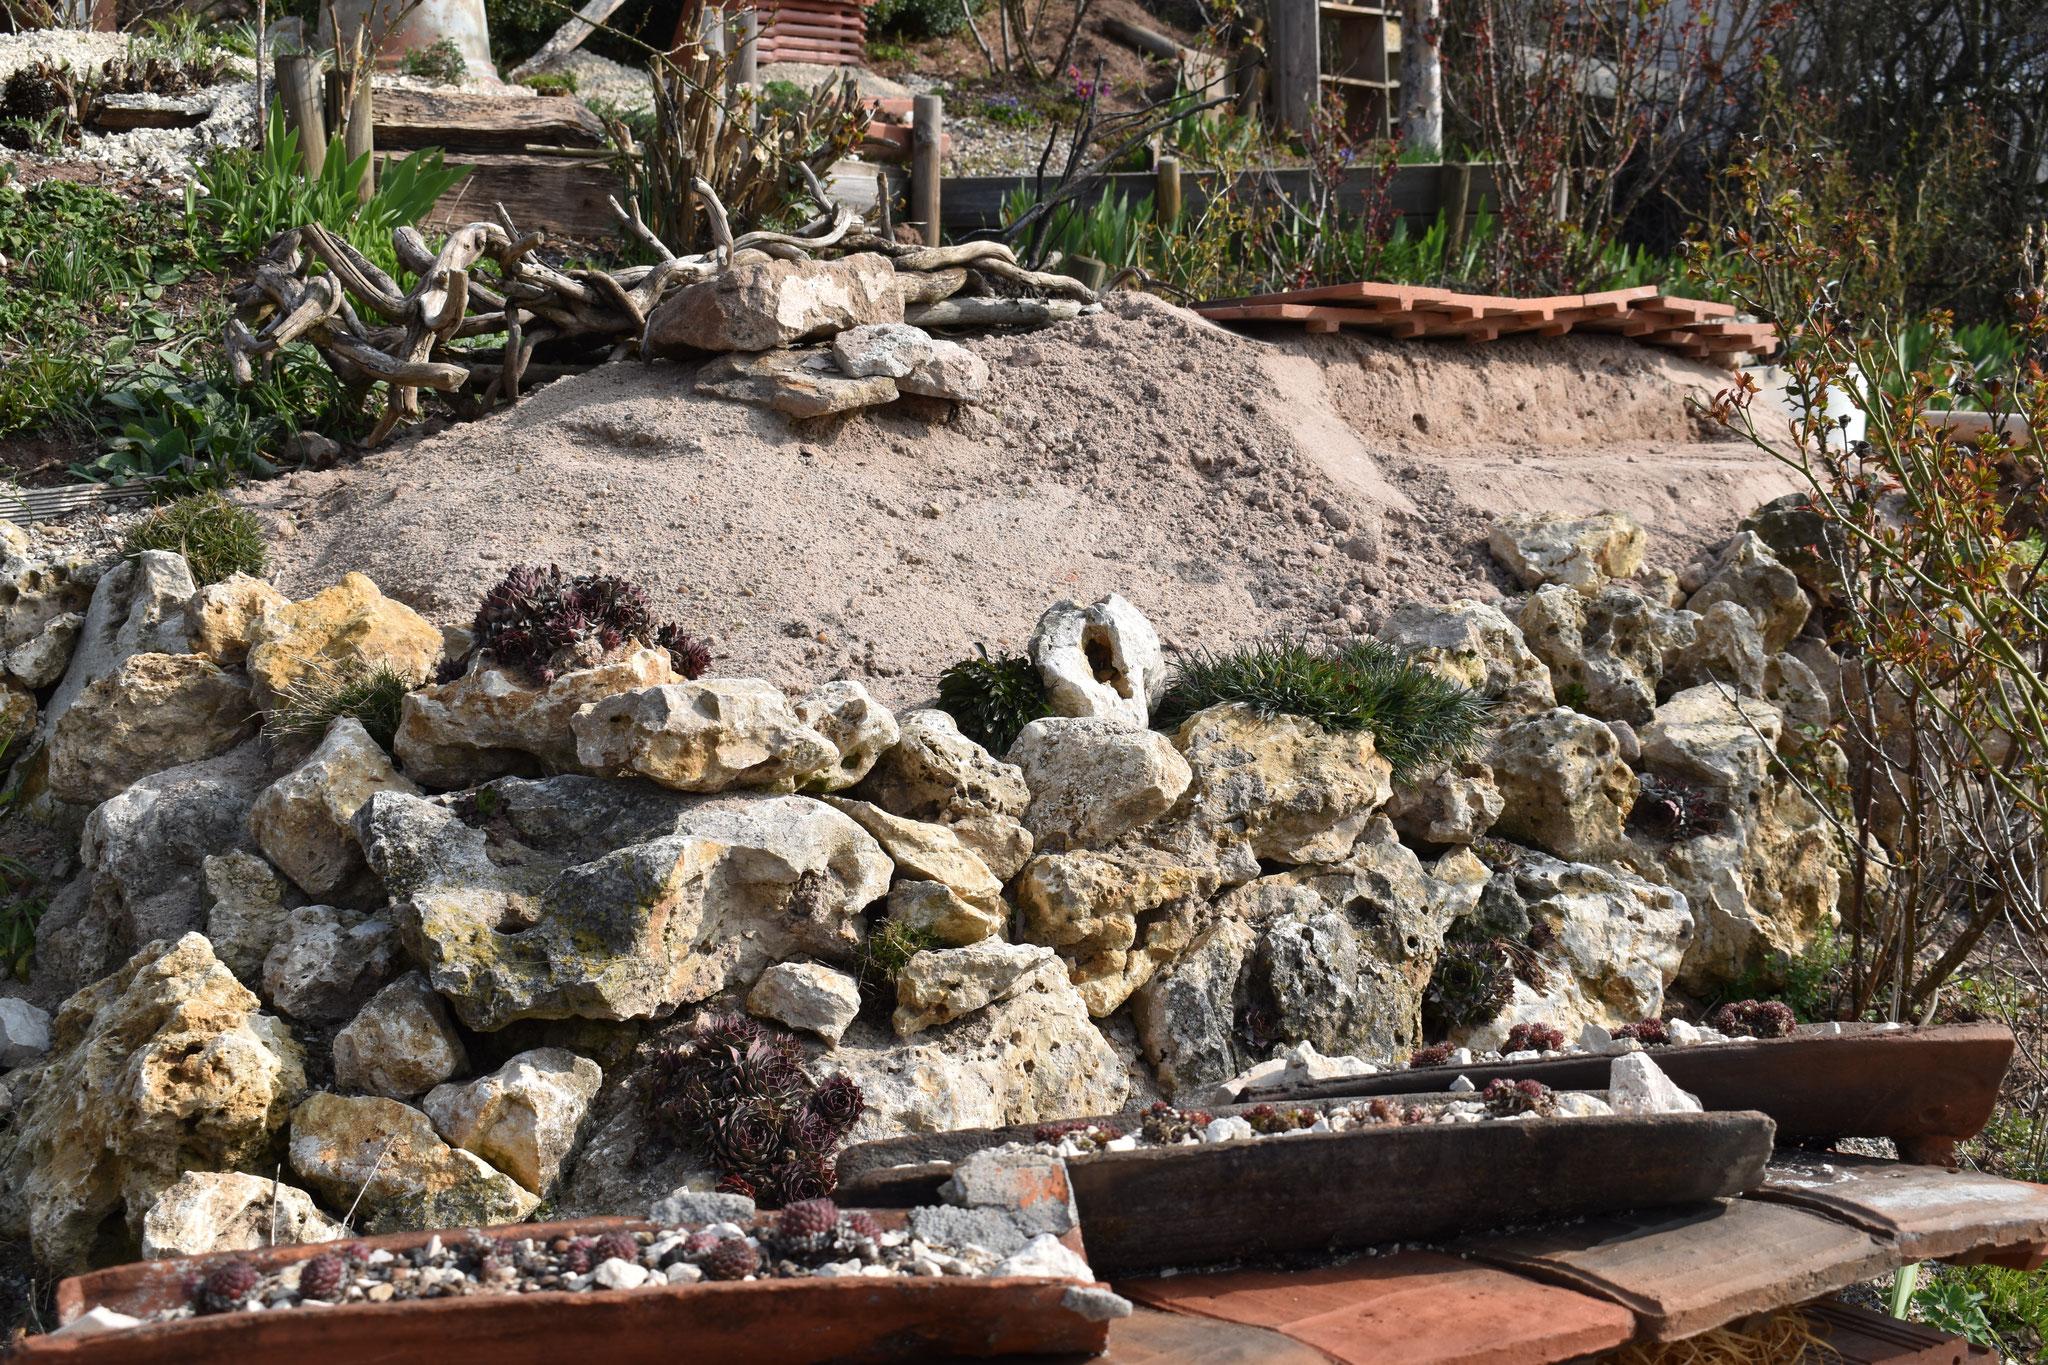 Gestaltungselement Sandarium mit heimischen Wildpflanzen wie Sandglöckchen Hauswurz, Steinbrech-Felsennelke (Foto: H. Seiß)